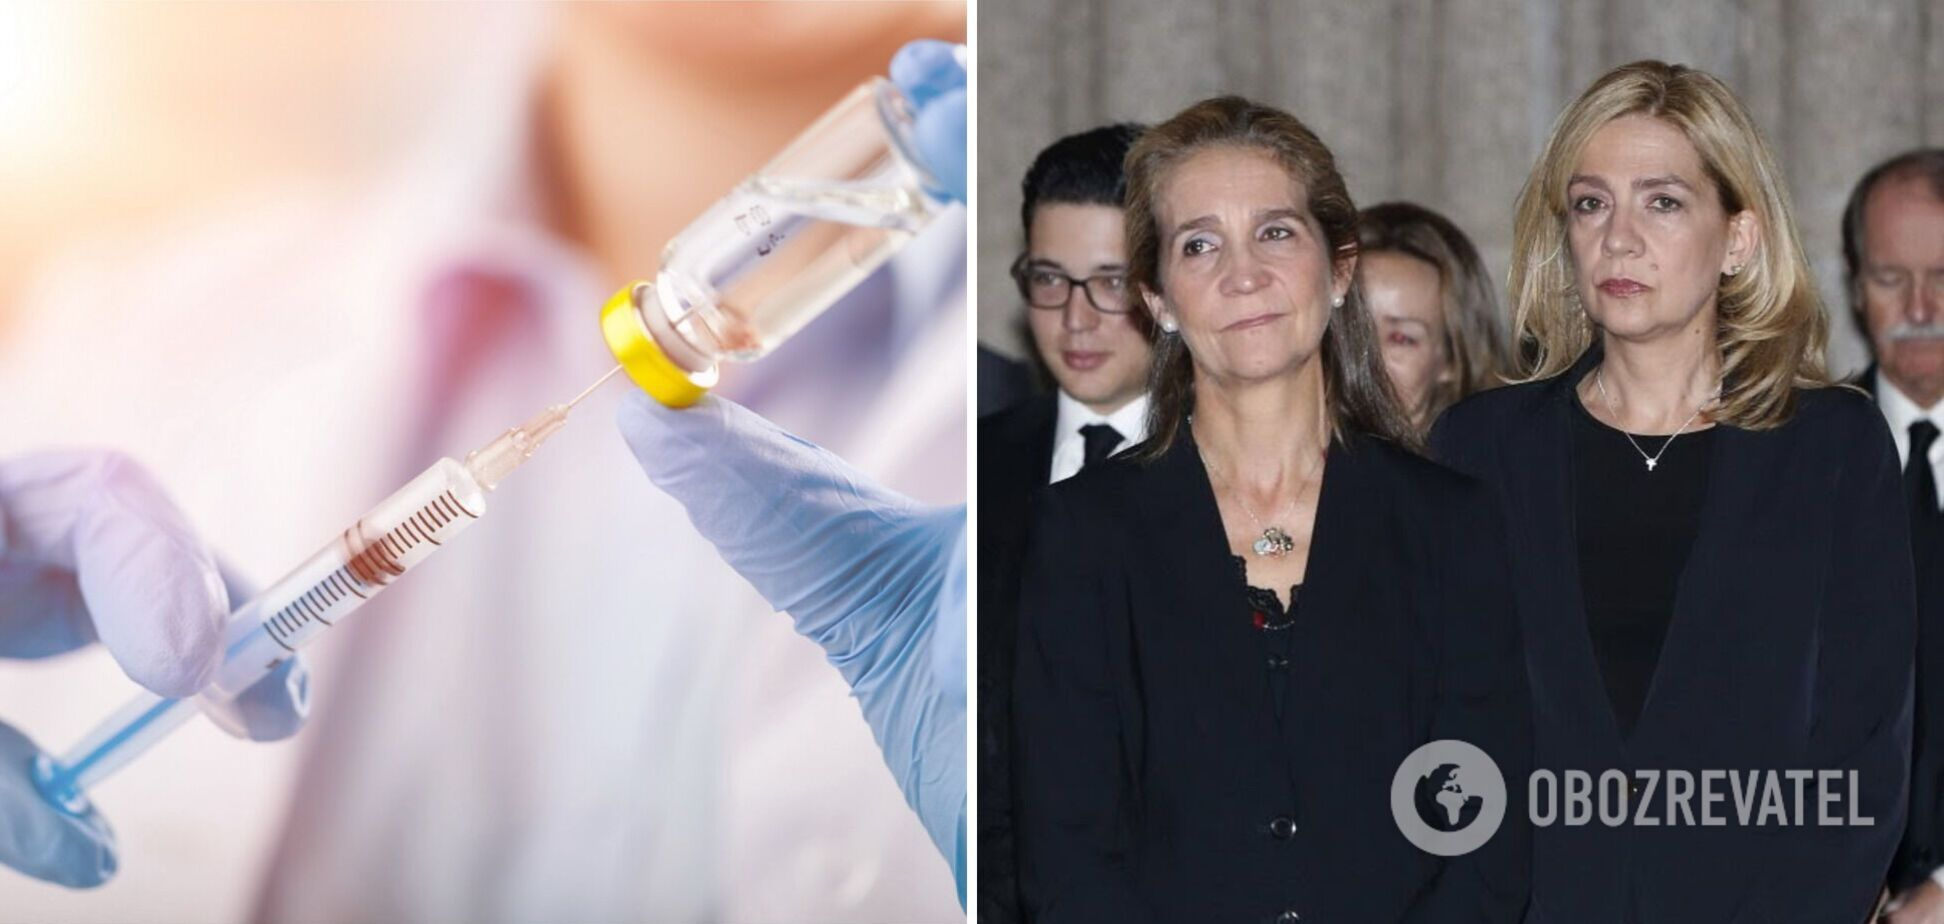 В Іспанії спалахнув скандал через позачергову вакцинацію сестер короля